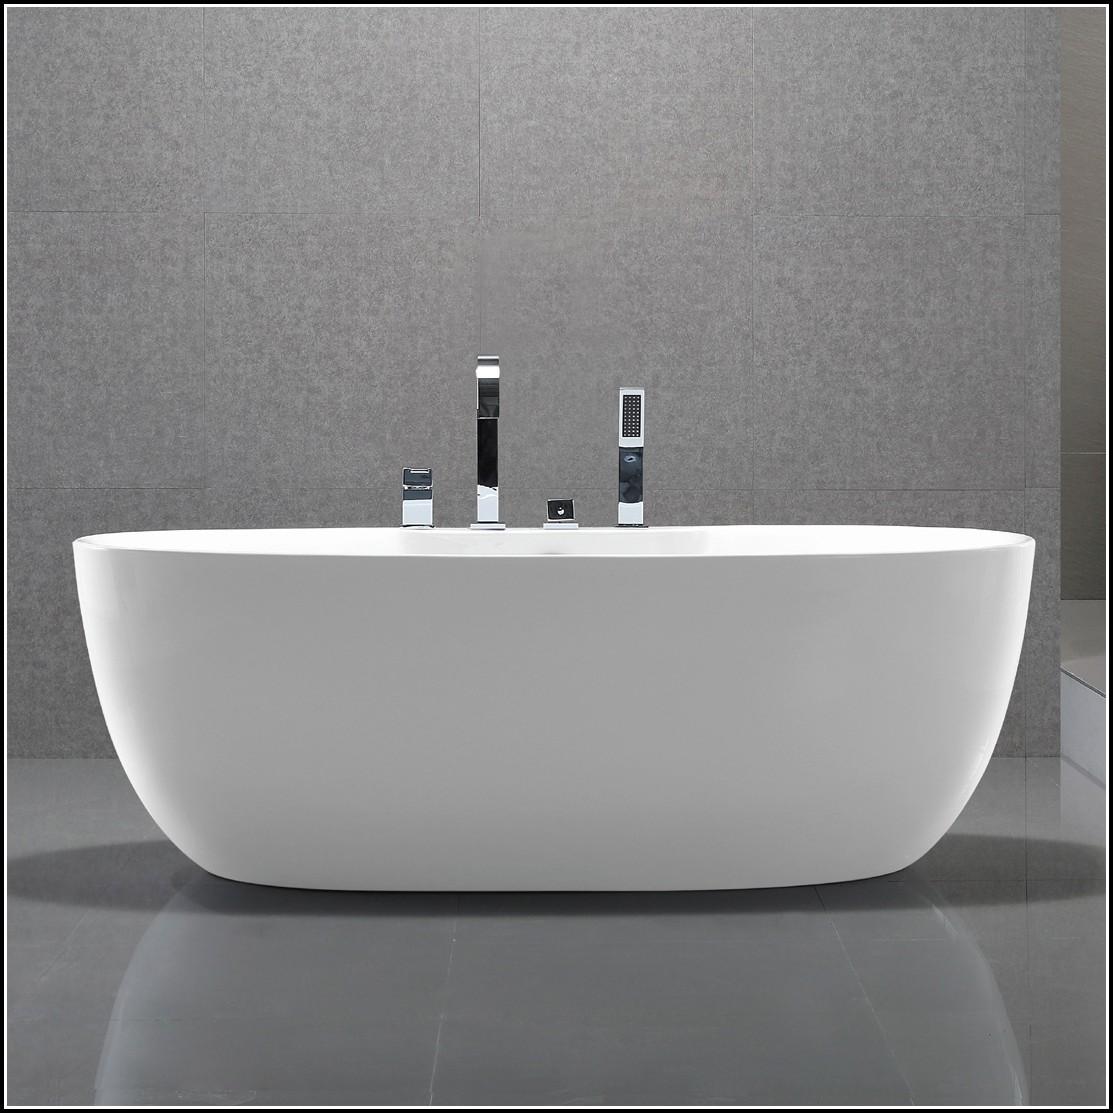 Armatur Für Freistehende Badewanne Grohe